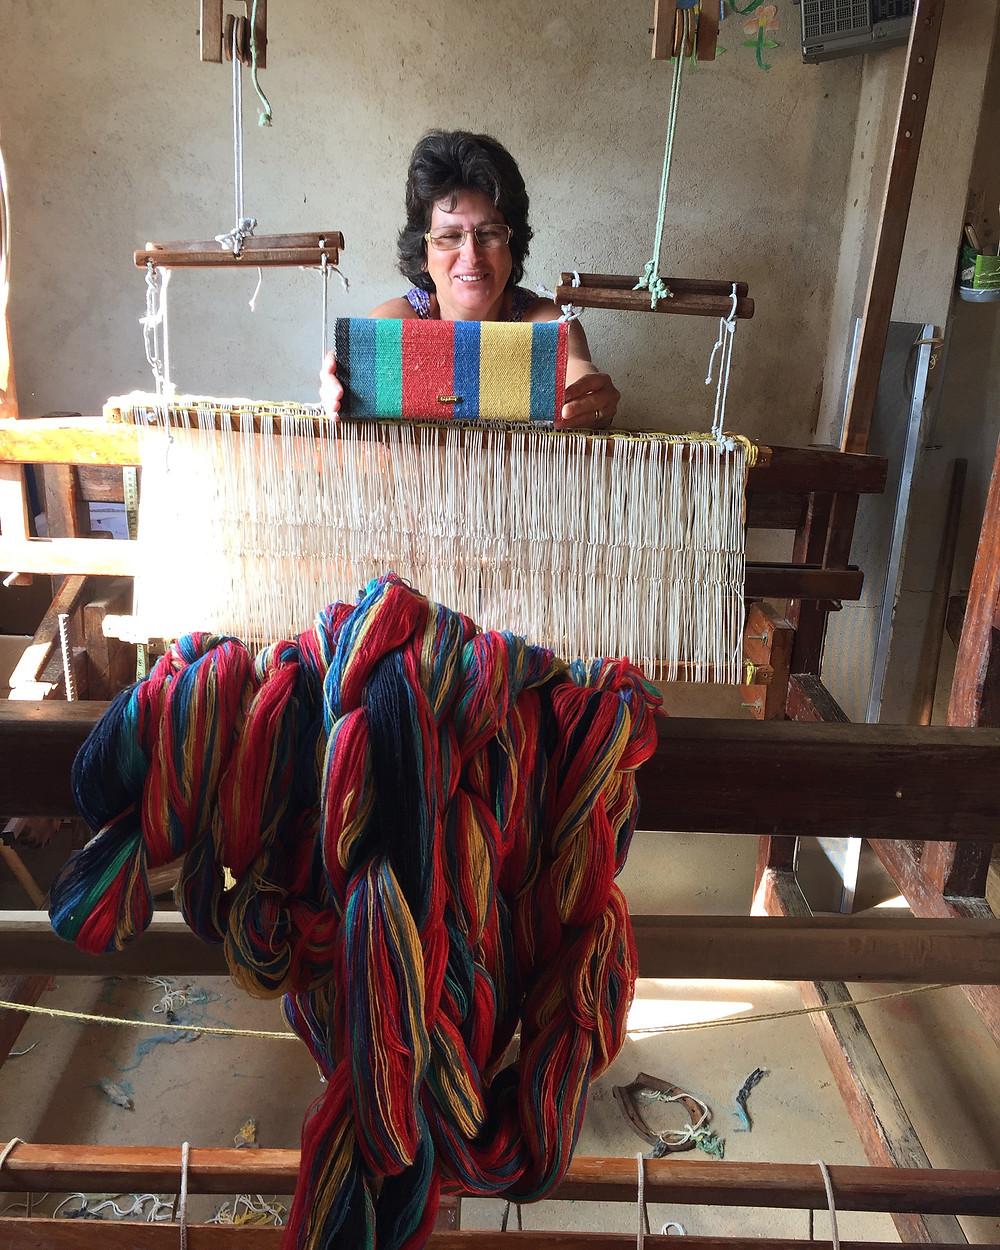 Artesã Salomé Alves. Tear manual, tecelagem manual, dos calçados sustentáveis da Trópicca